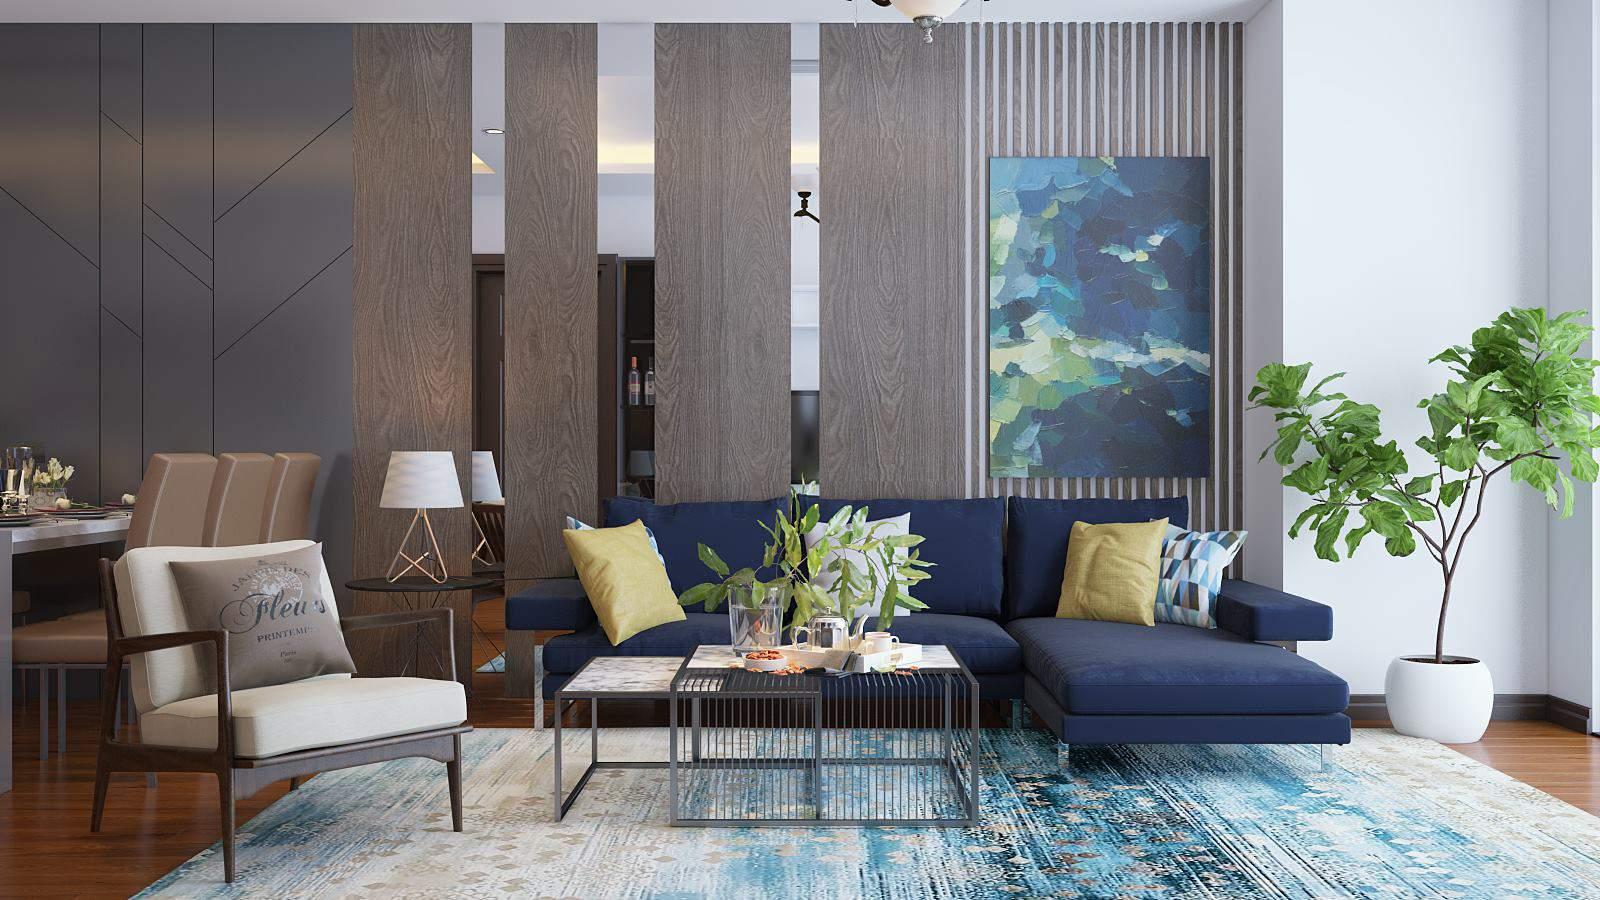 Trang trí phòng khách nhà ống với nội thất hiện đại